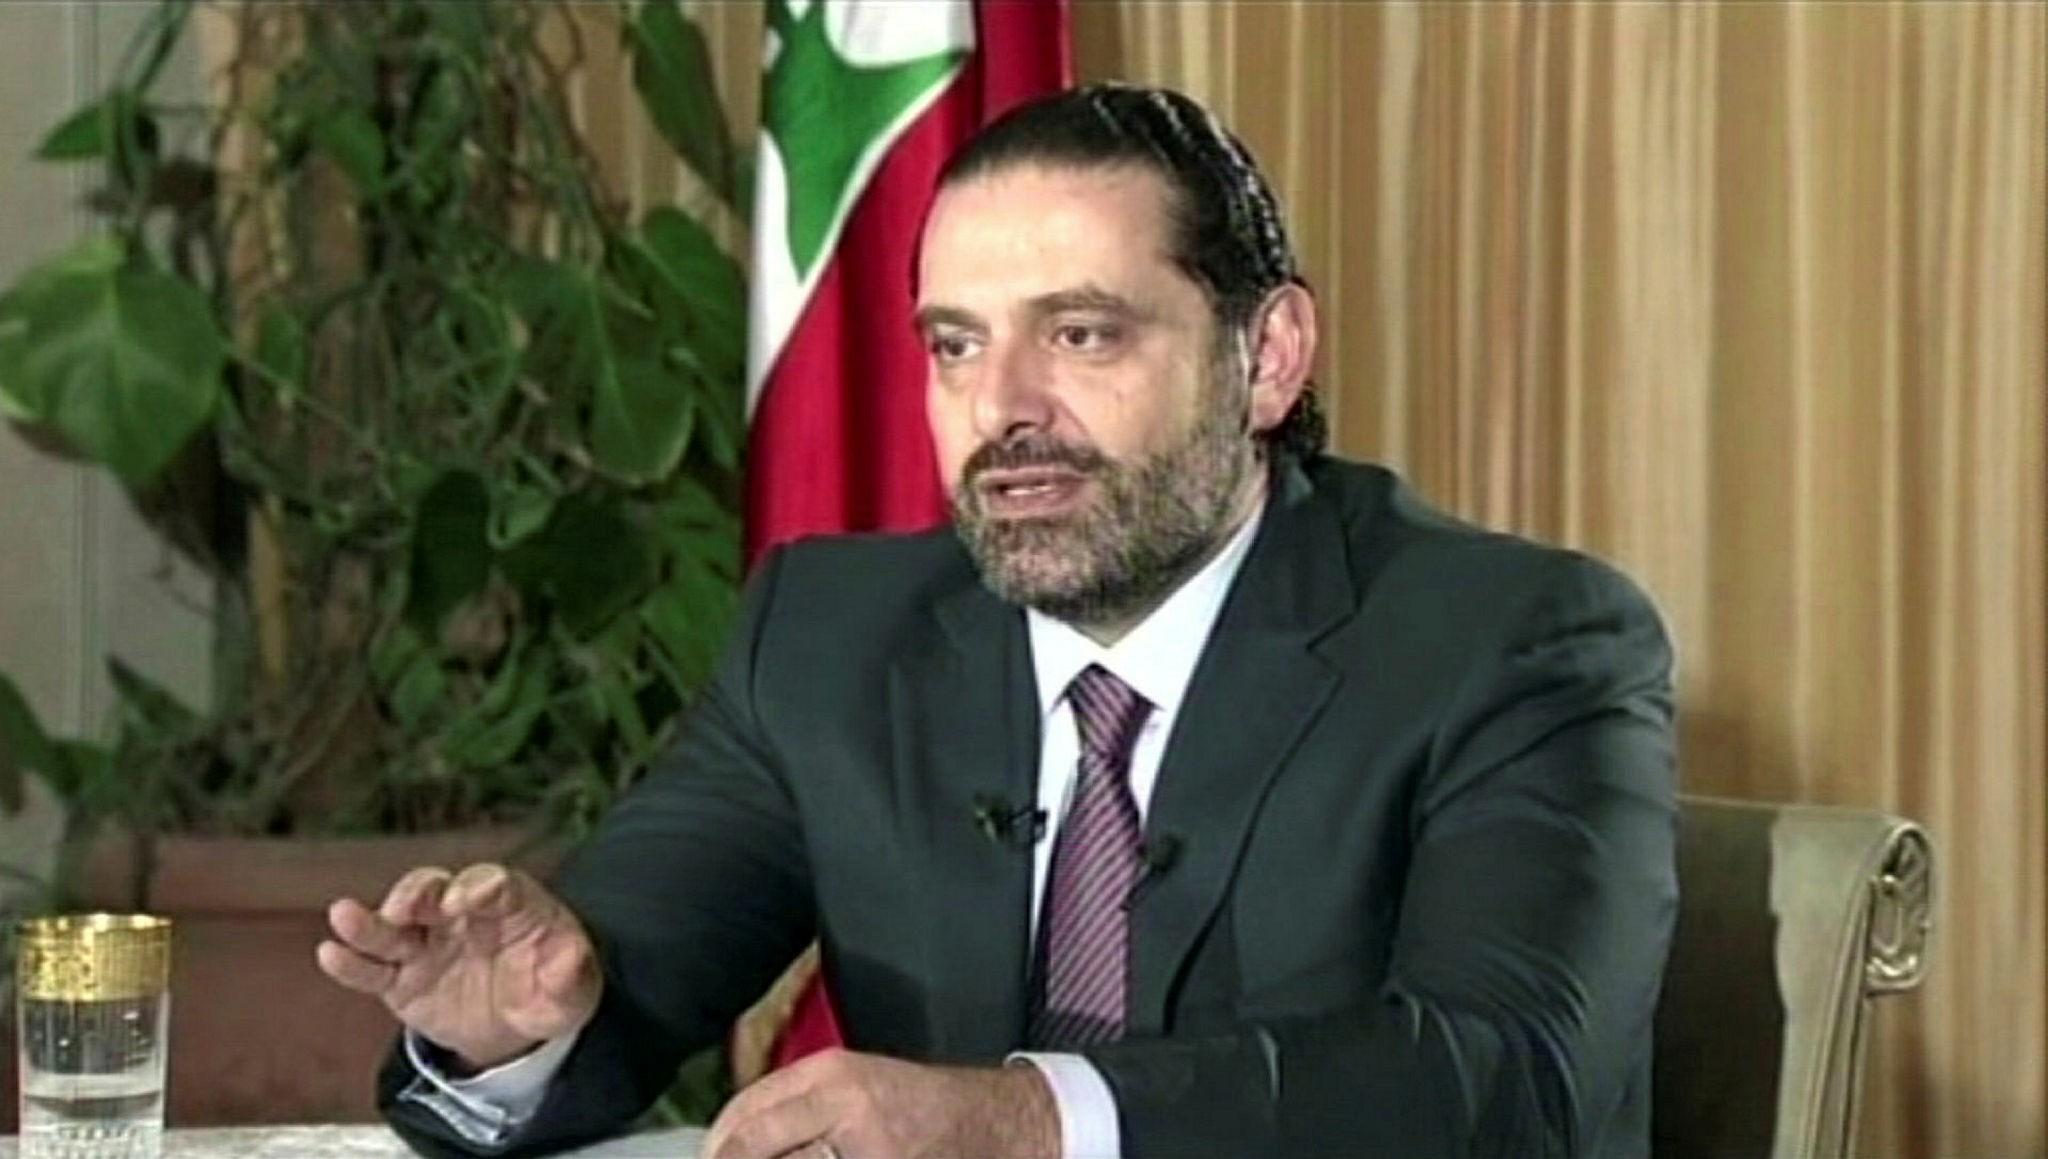 Lebanese Prime Minister Saad Hariri gives a live TV interview in Riyadh, Saudi Arabia, Nov. 12.